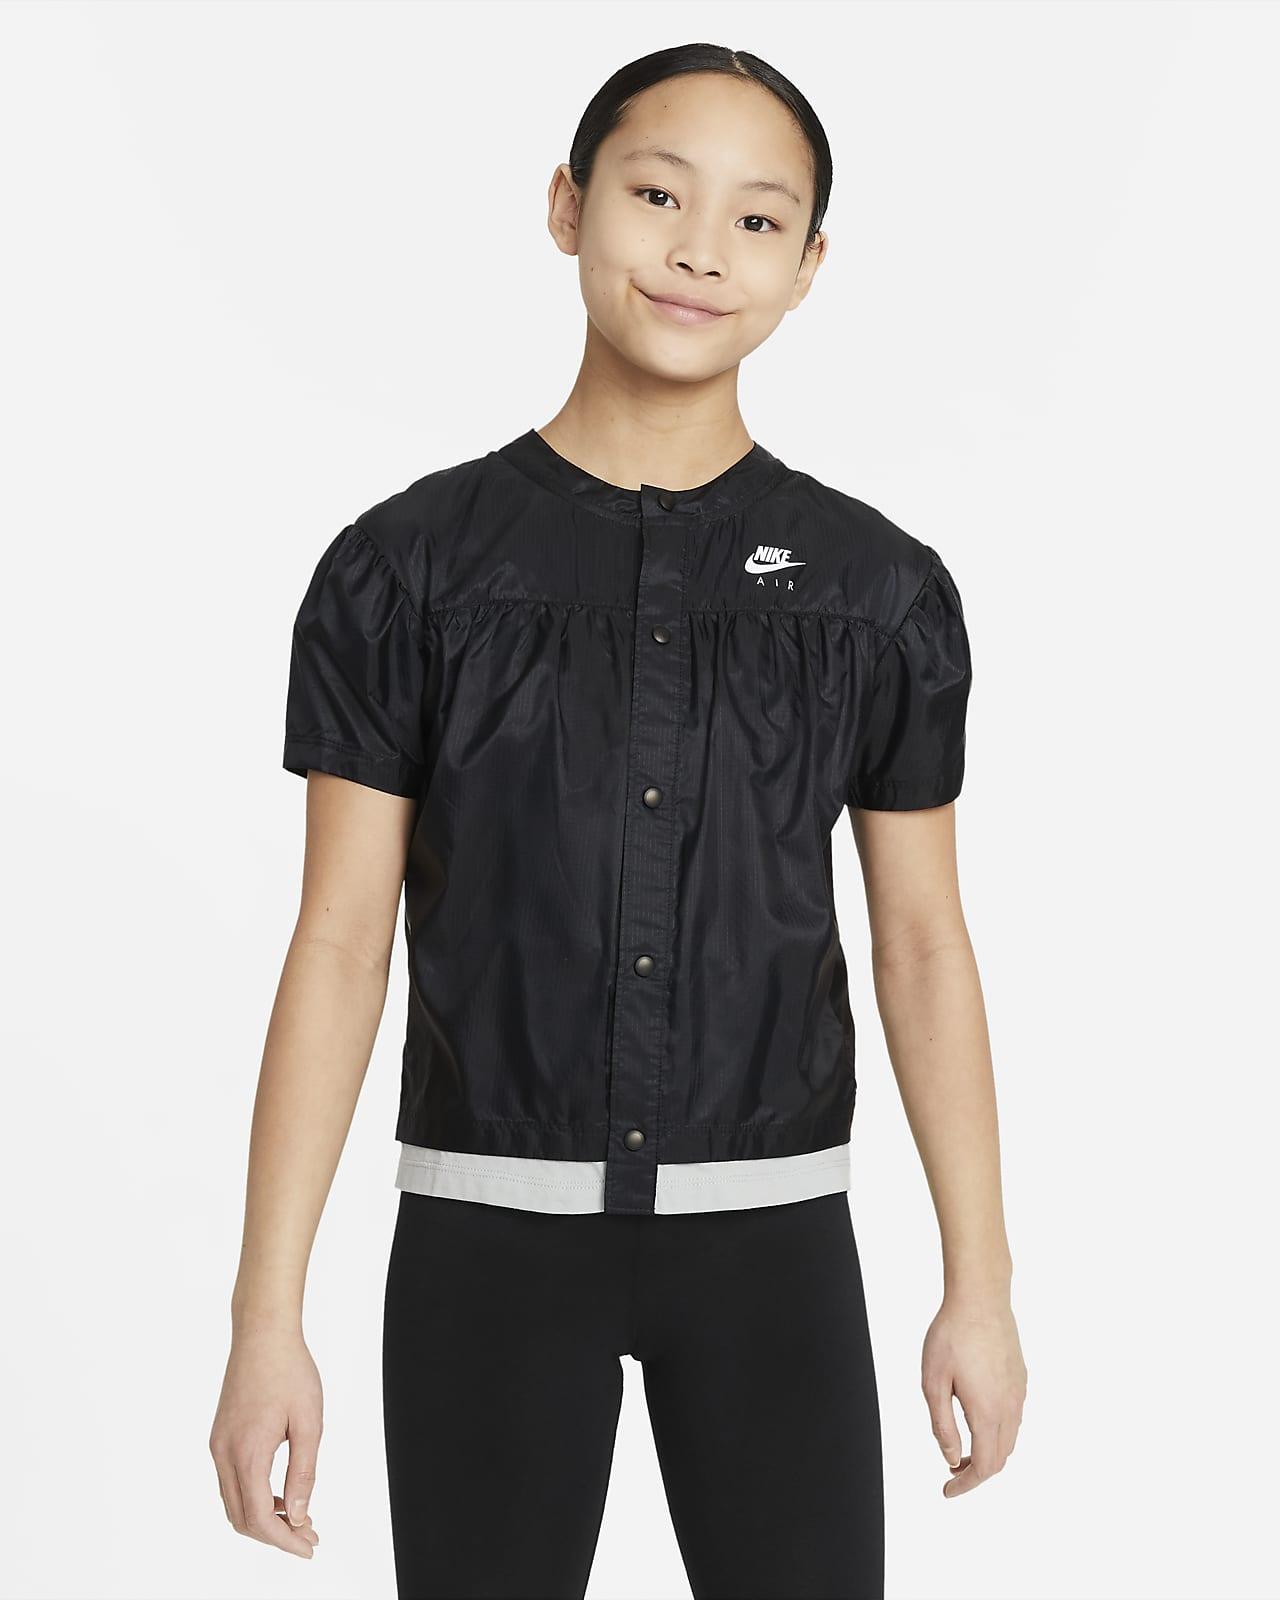 Tkaný top Nike Air skrátkým rukávem pro větší děti (dívky)